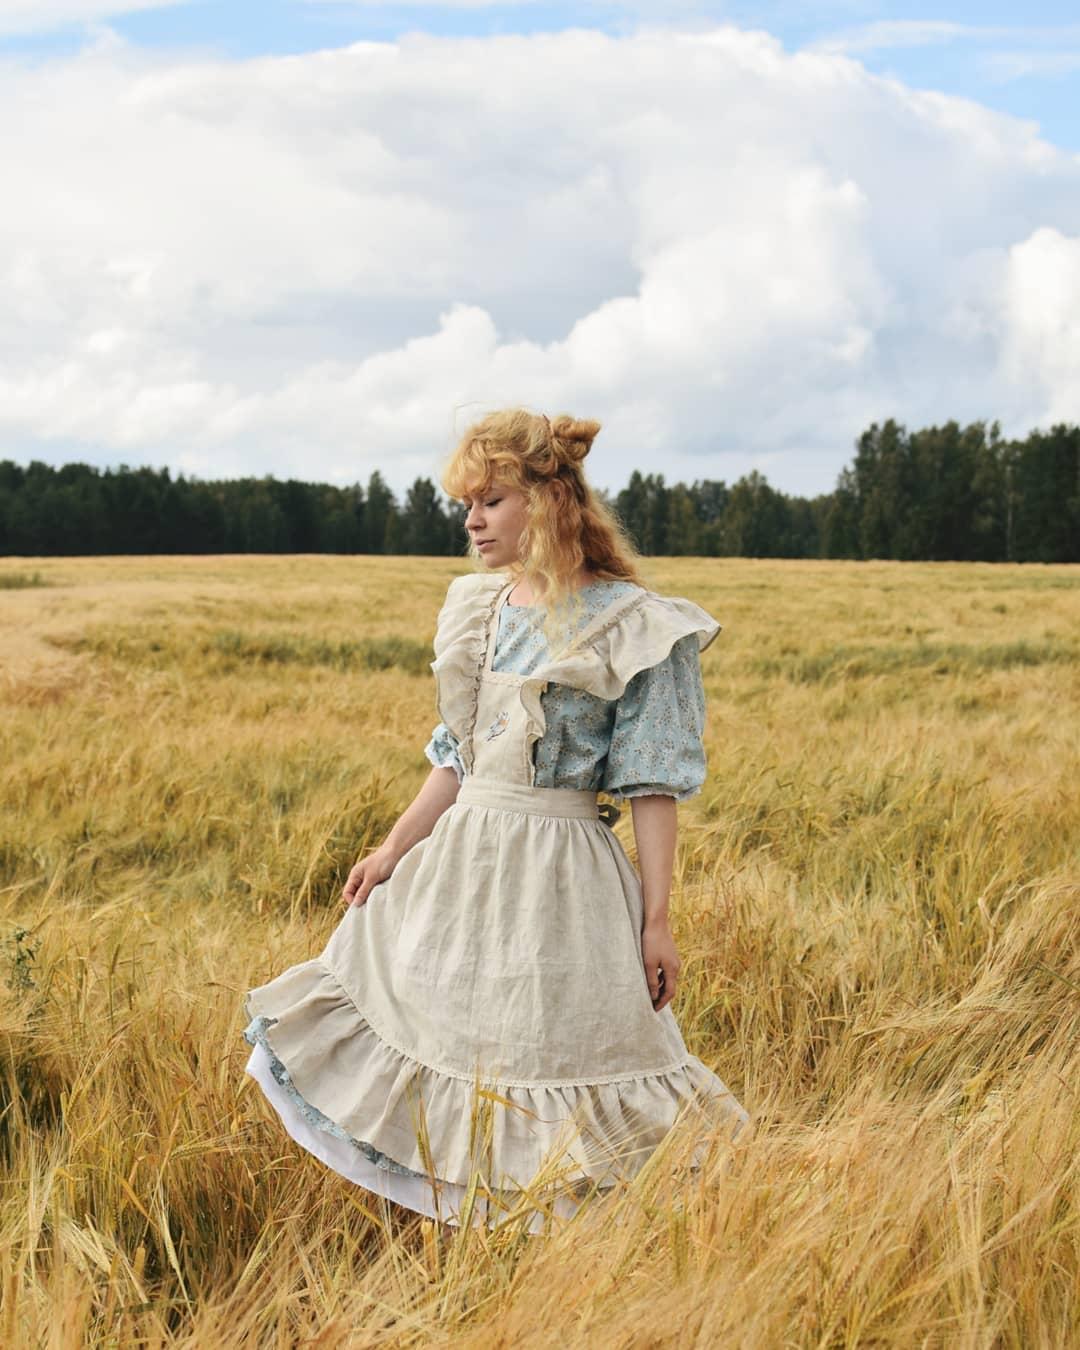 Cô gái mặc váy xòe và tạp dề phong cách thời trang Cottagecore